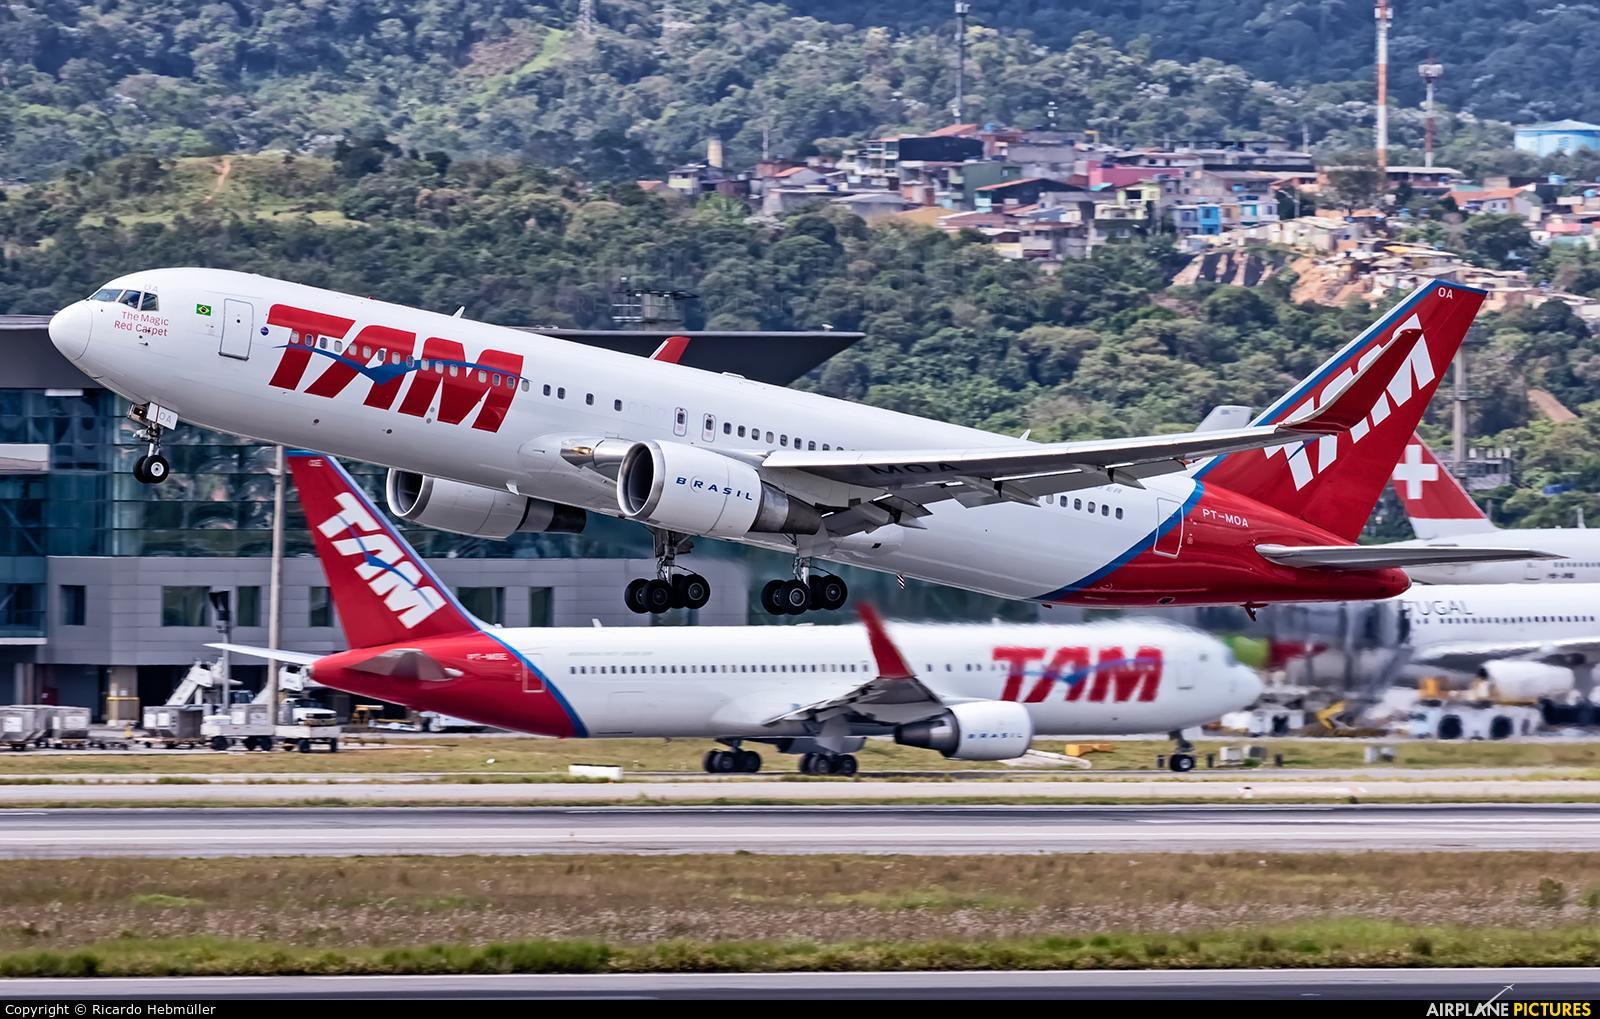 TAM PT-MOA aircraft at São Paulo - Guarulhos